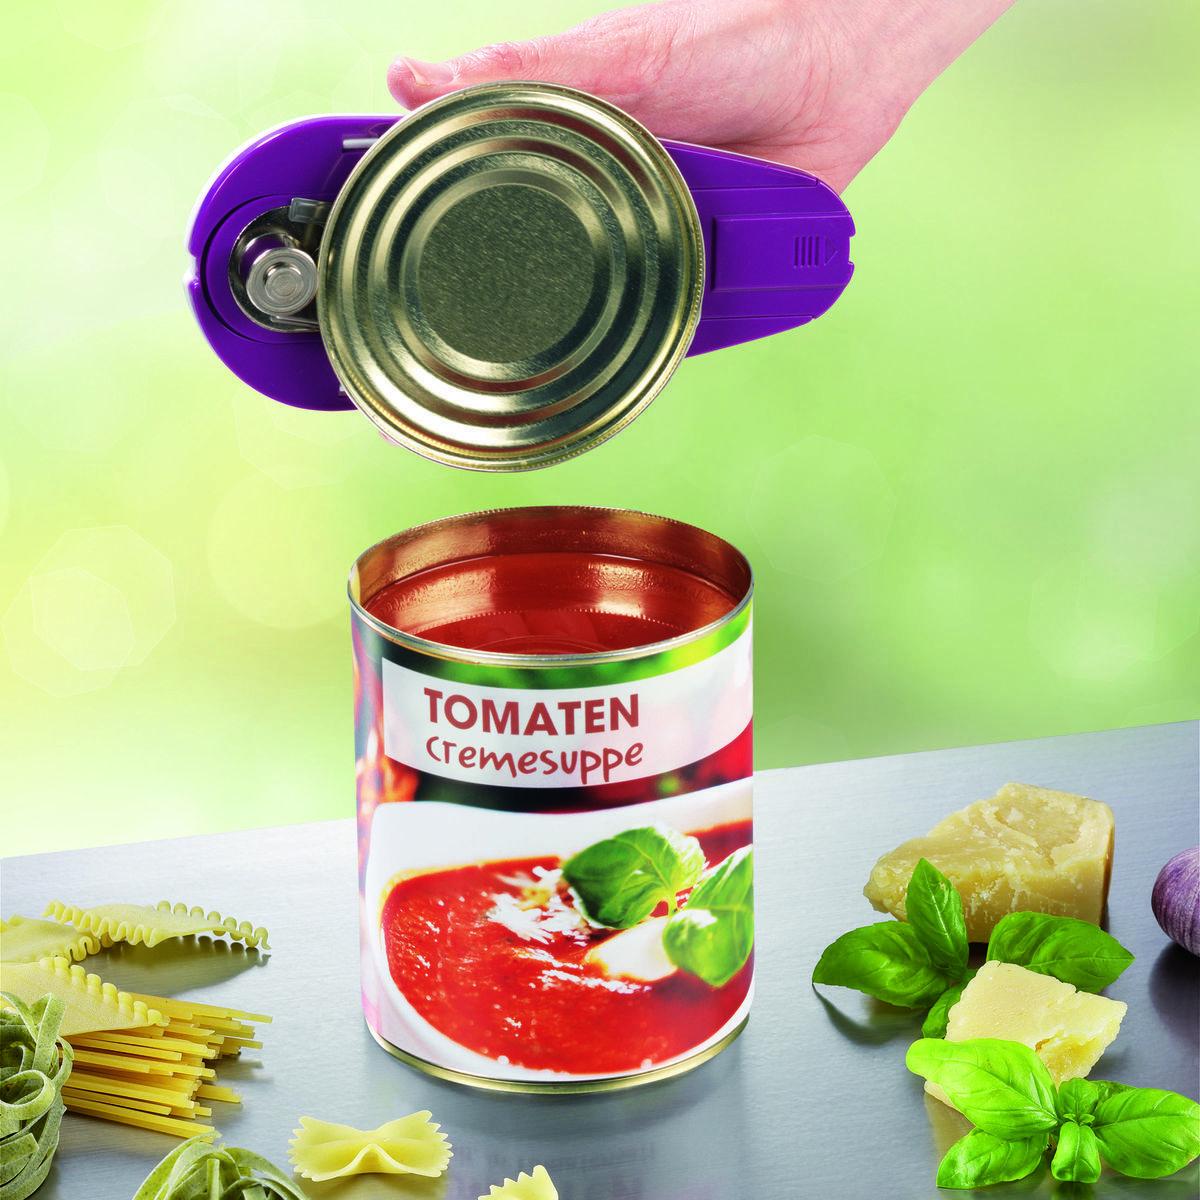 Bild 4 von Gourmetmaxx Vollautomatischer Dosenöffner, weiß/lila